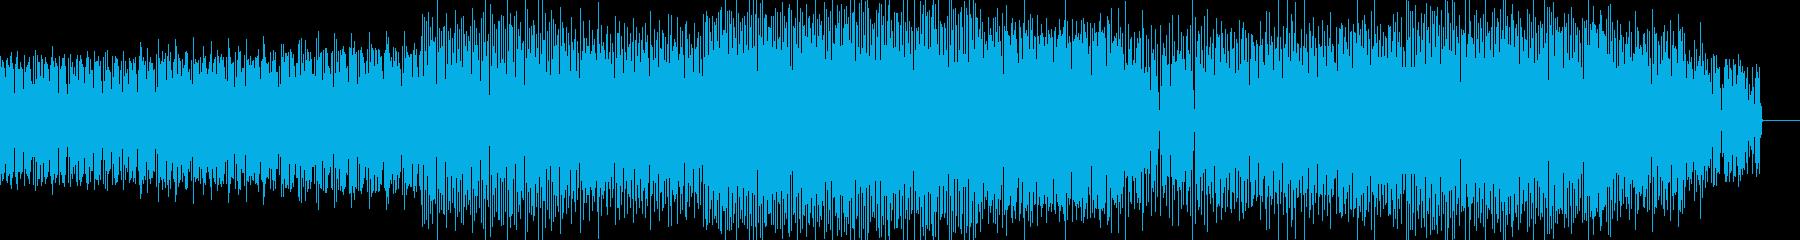 夏っぽさのあるリフ系ハウスの再生済みの波形